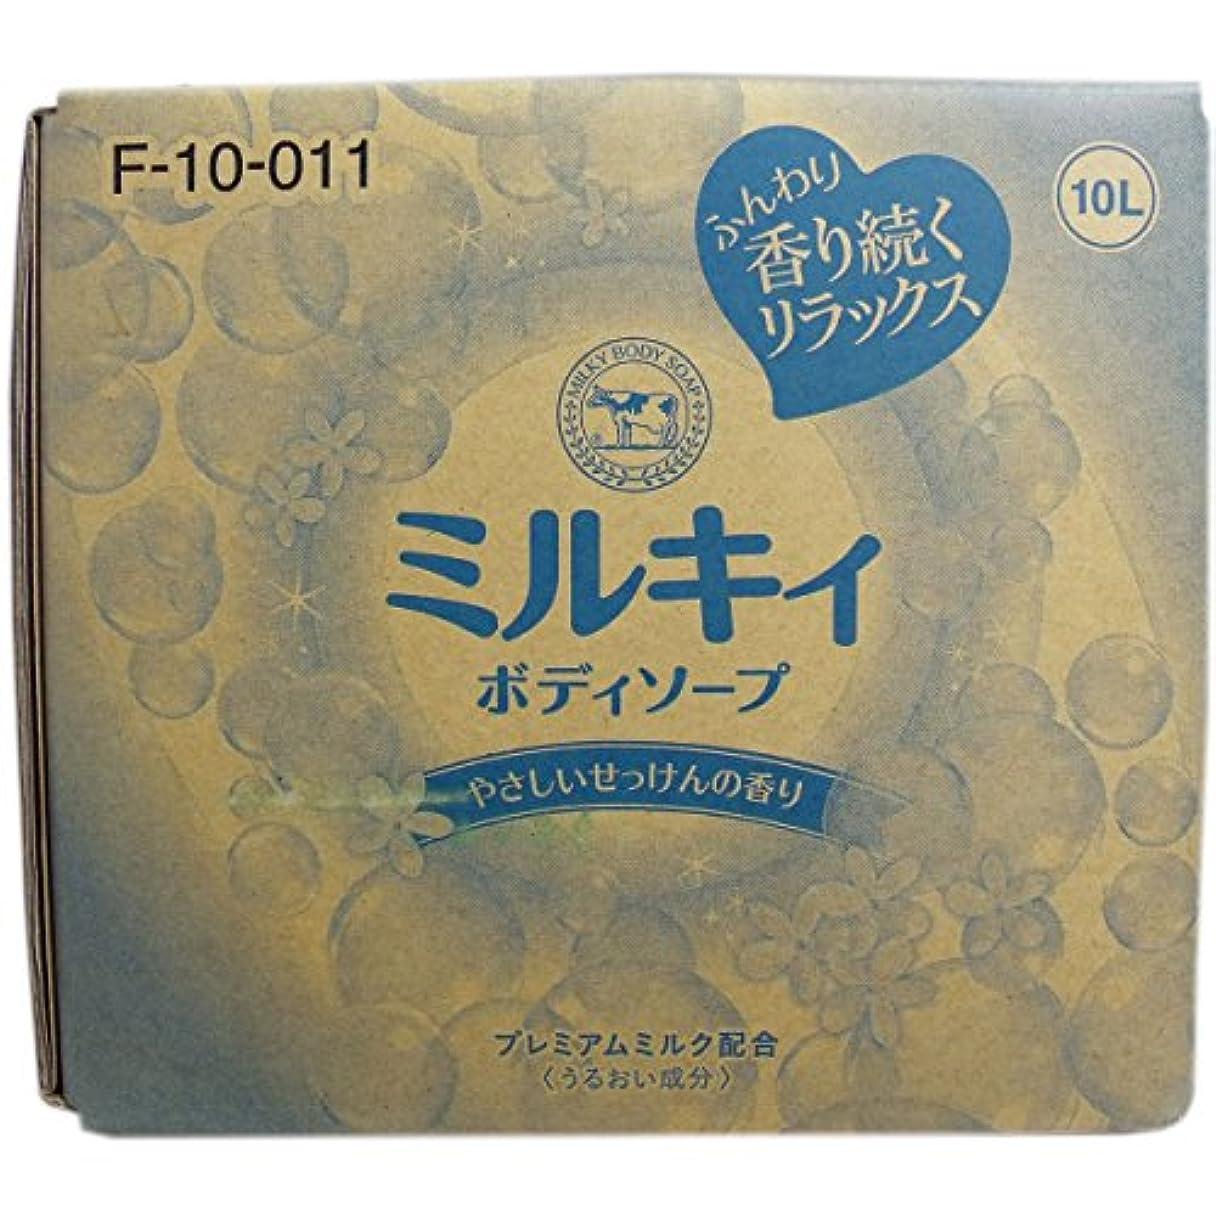 かわいらしい。前奏曲業務用ボディーソープ【牛乳石鹸 ミルキィボディソープ やさしいせっけんの香り 10L】